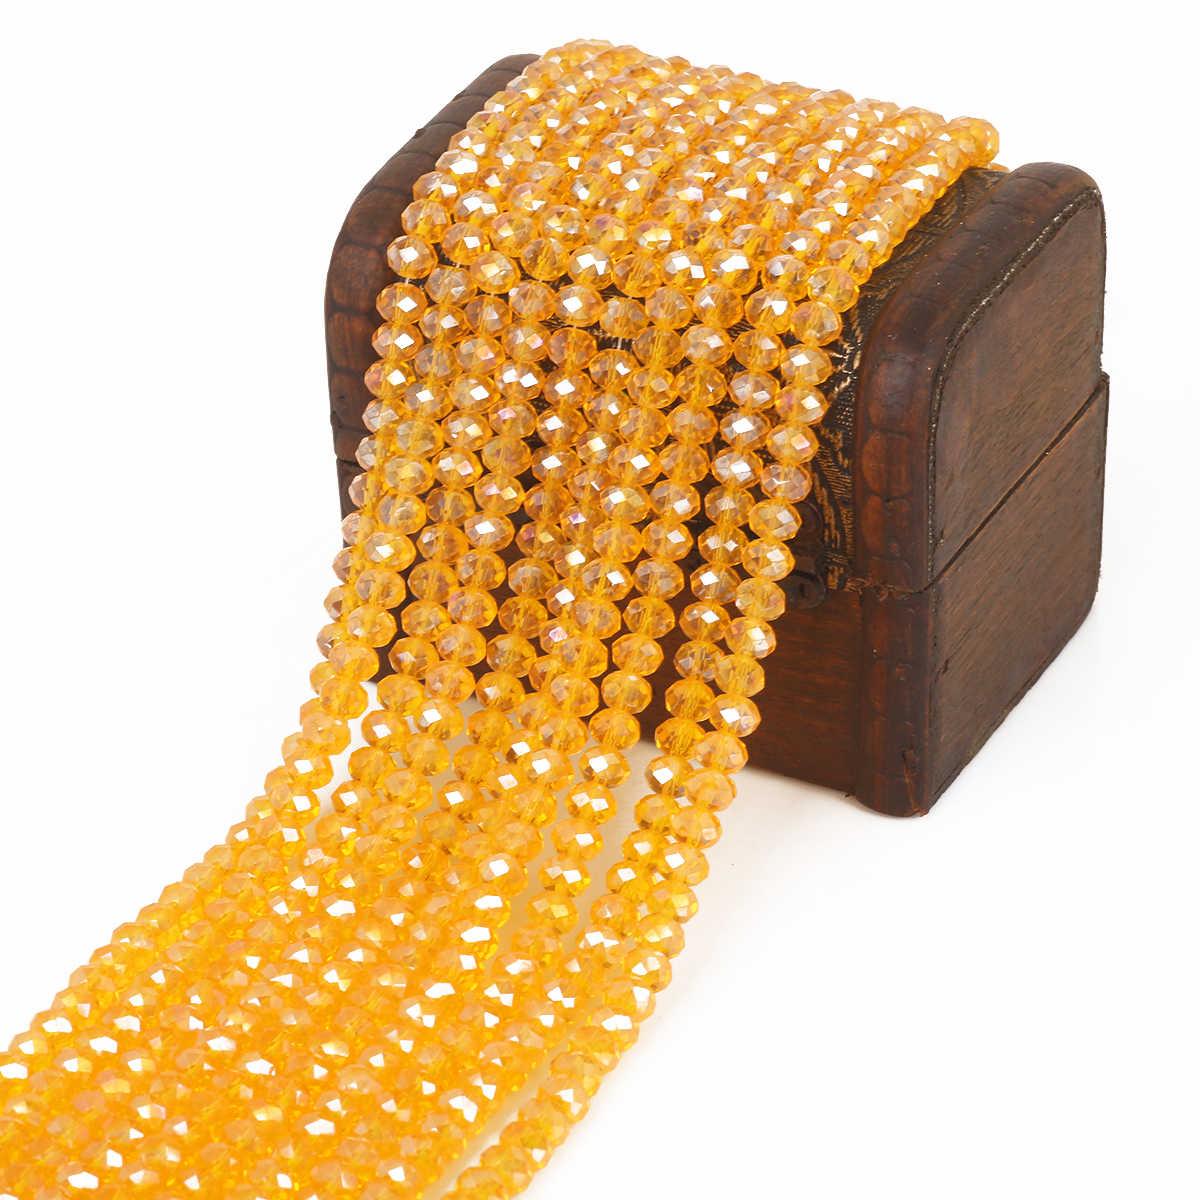 Wybierz rozmiar 2 3 4 6 8mm czeskie luźne Rondelle kryształowe koraliki do wyrobu biżuterii splot krzyżowy dmc AB kolor Spacer fasetowane paciorki szklane